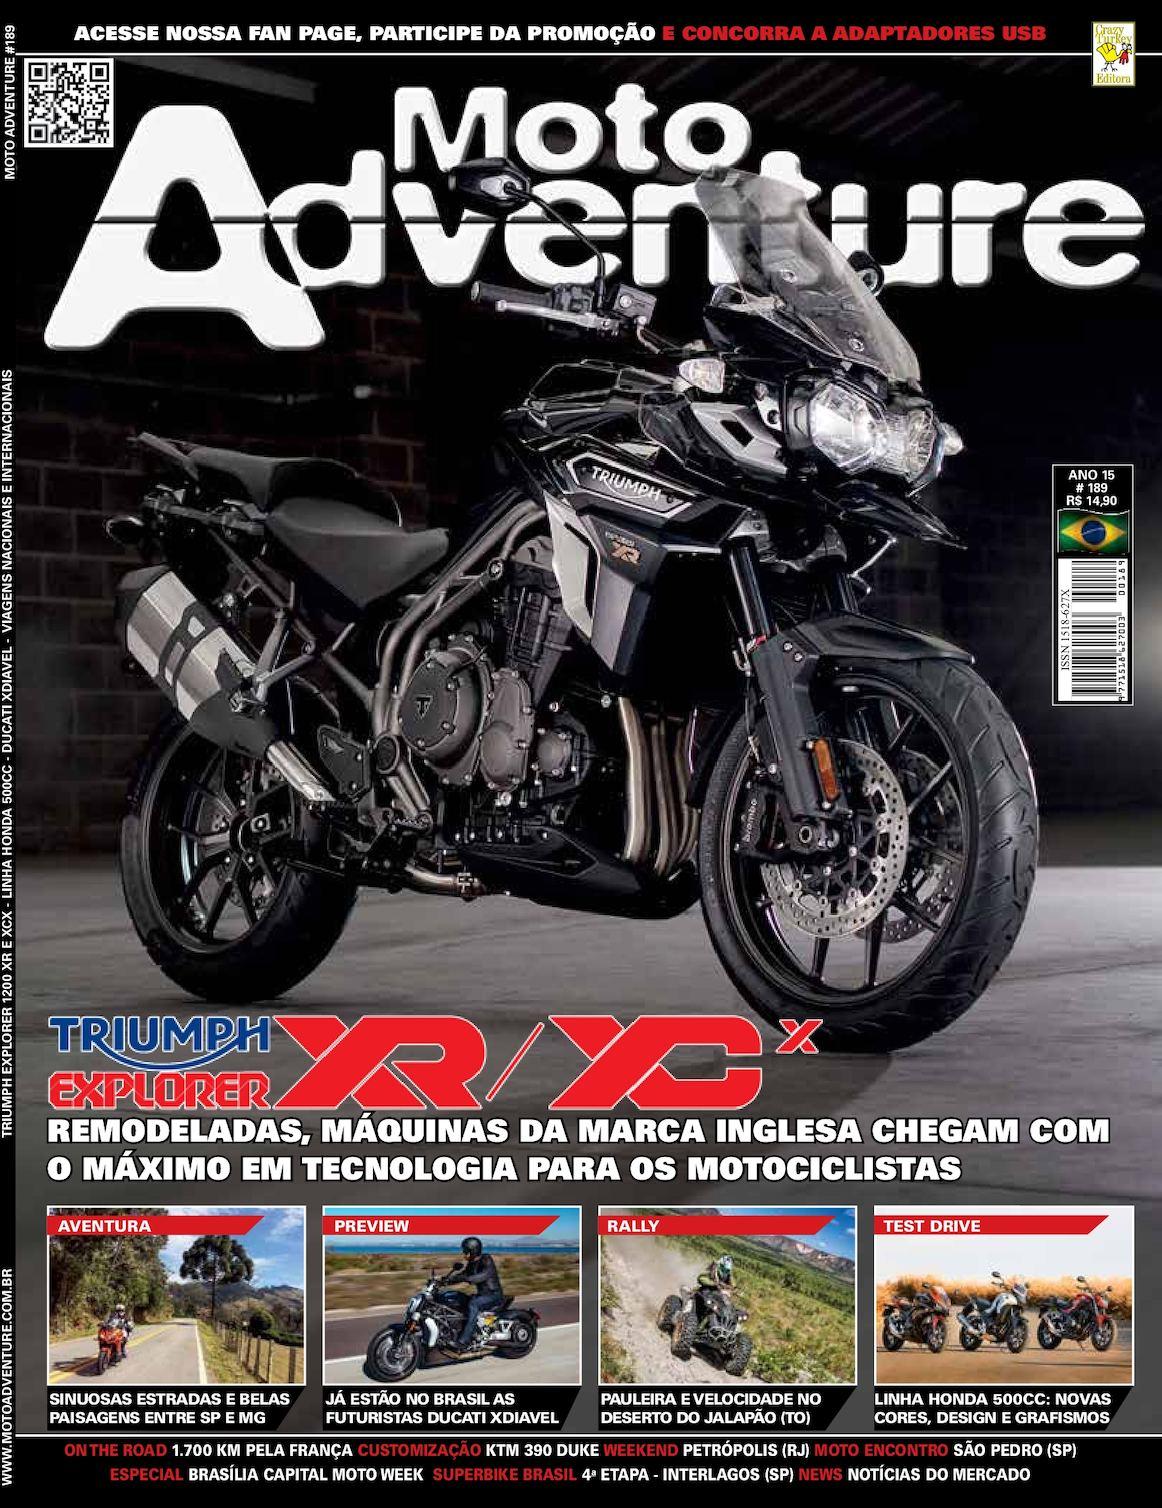 Calaméo - Moto Adventure 189 Agosto 66adcda1565